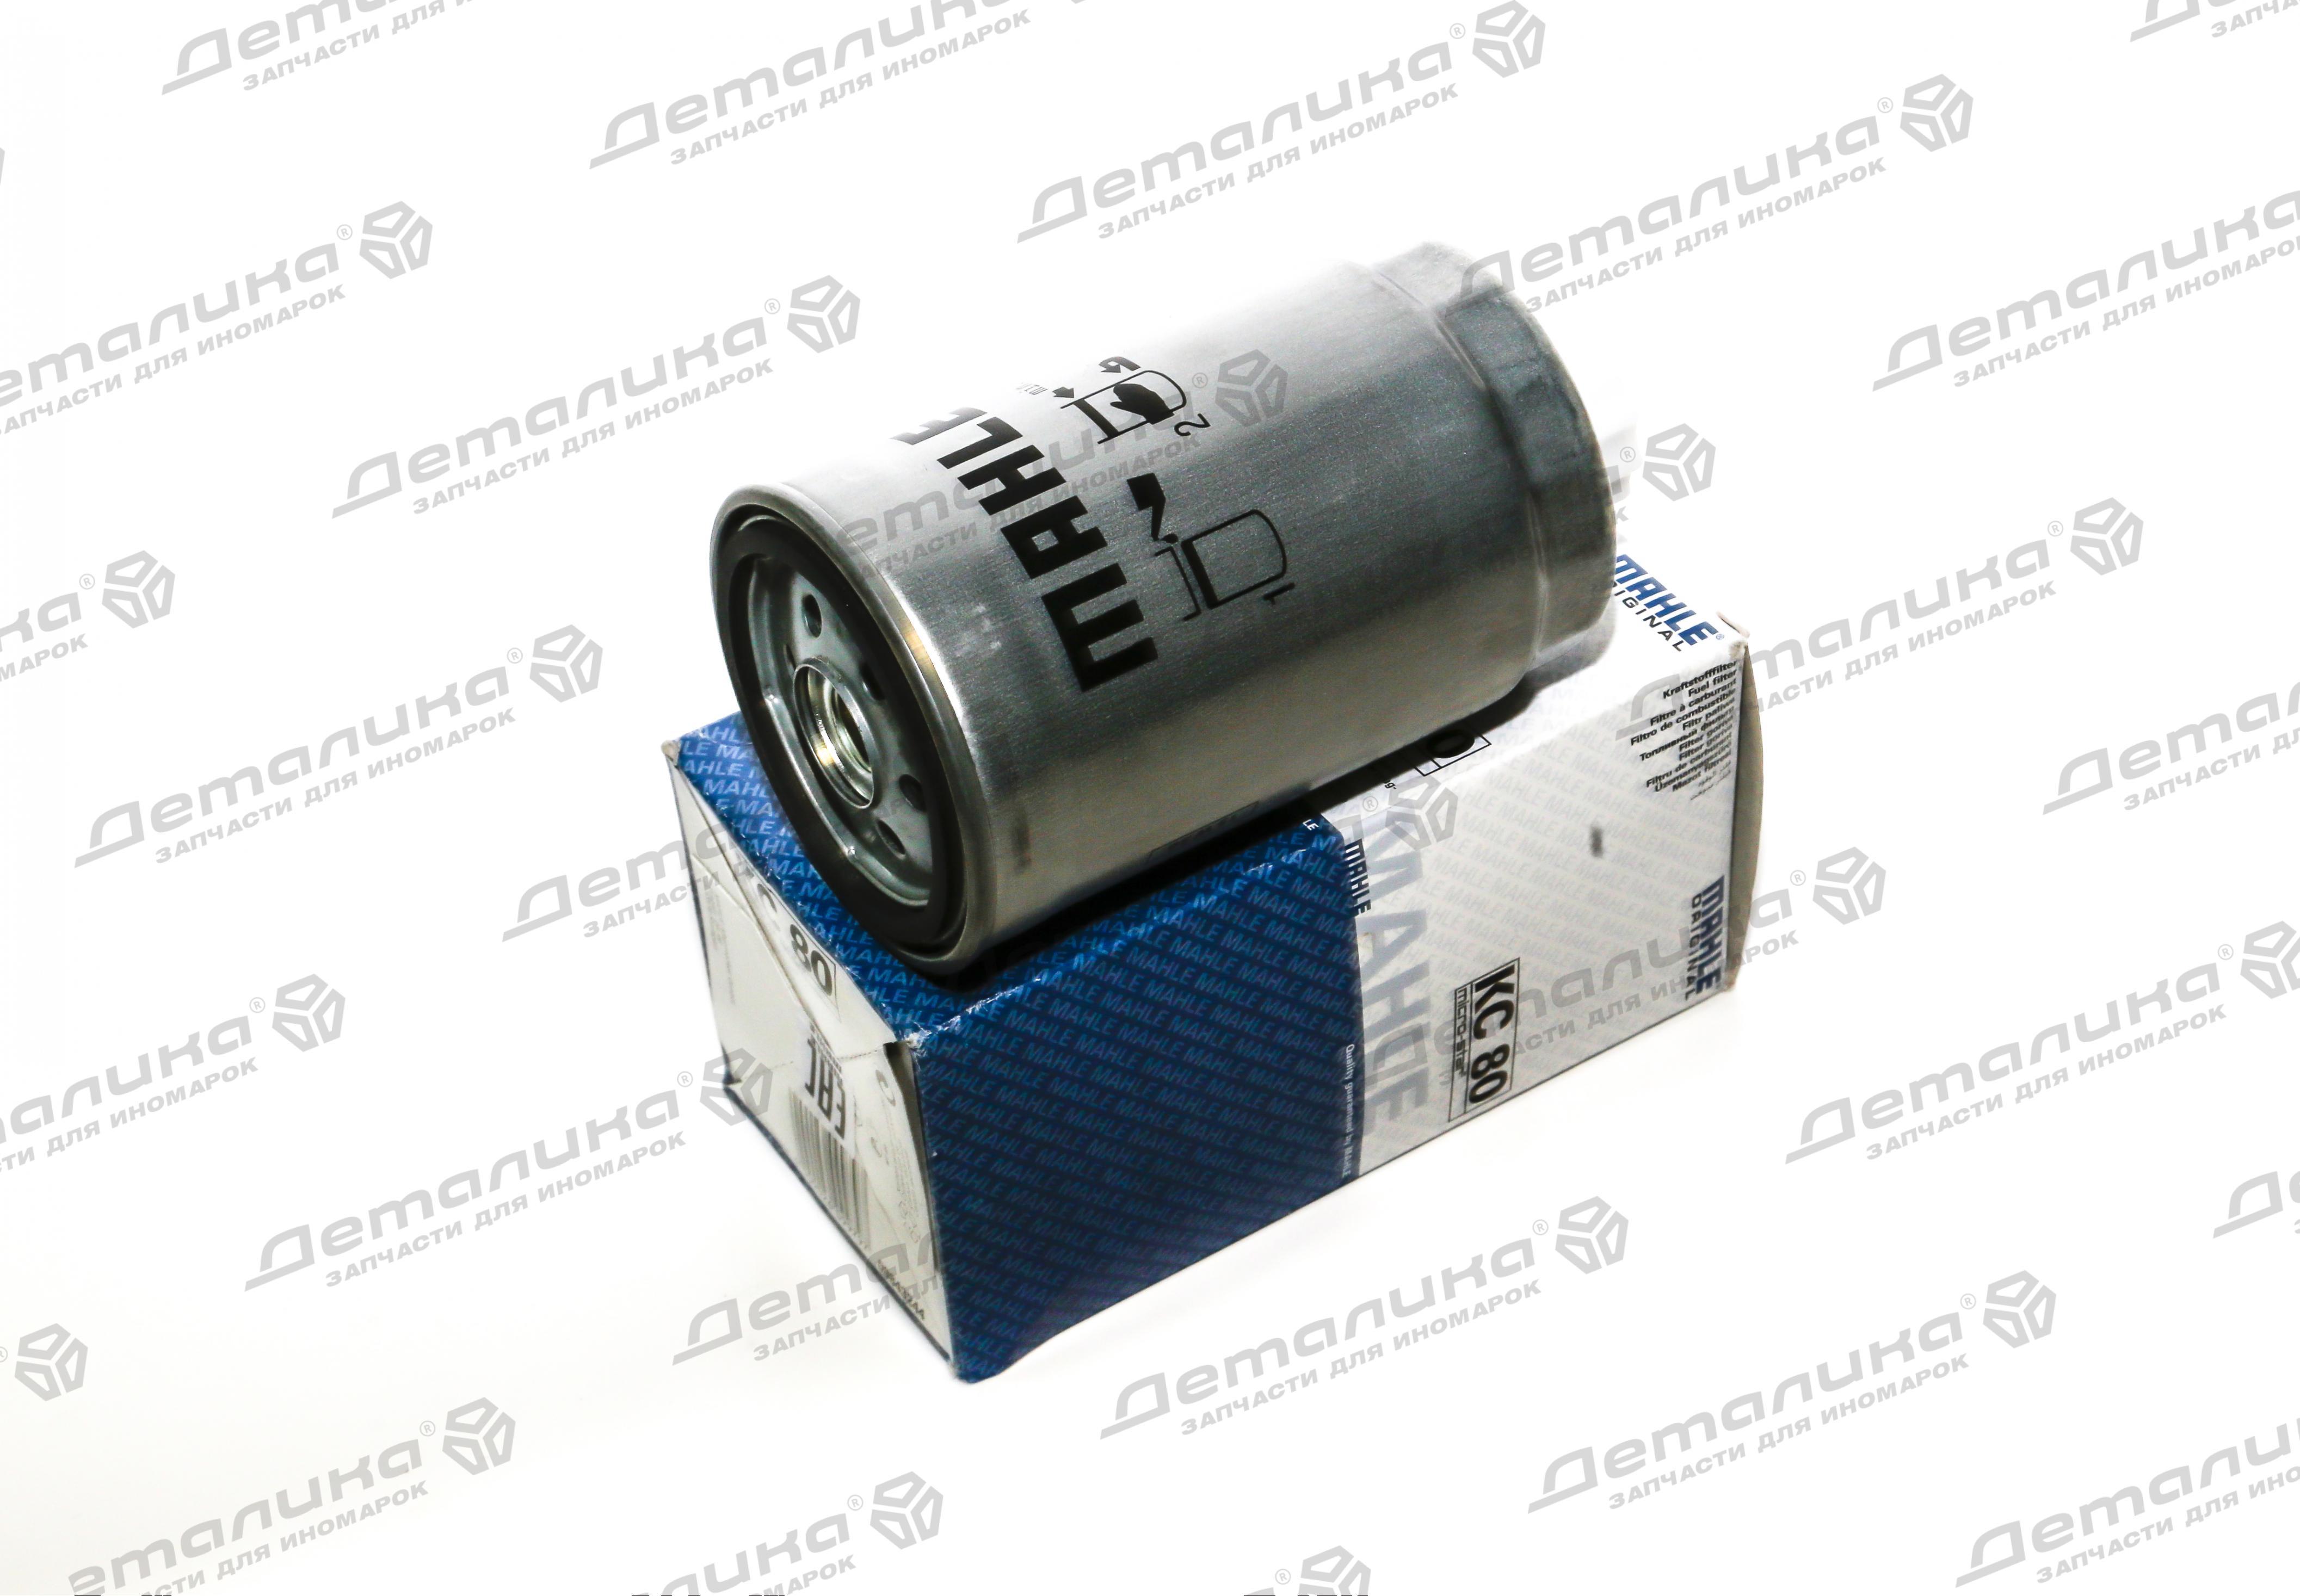 как правильно заменить топливный фильтр audi a6 c5 1.9 tdi awx